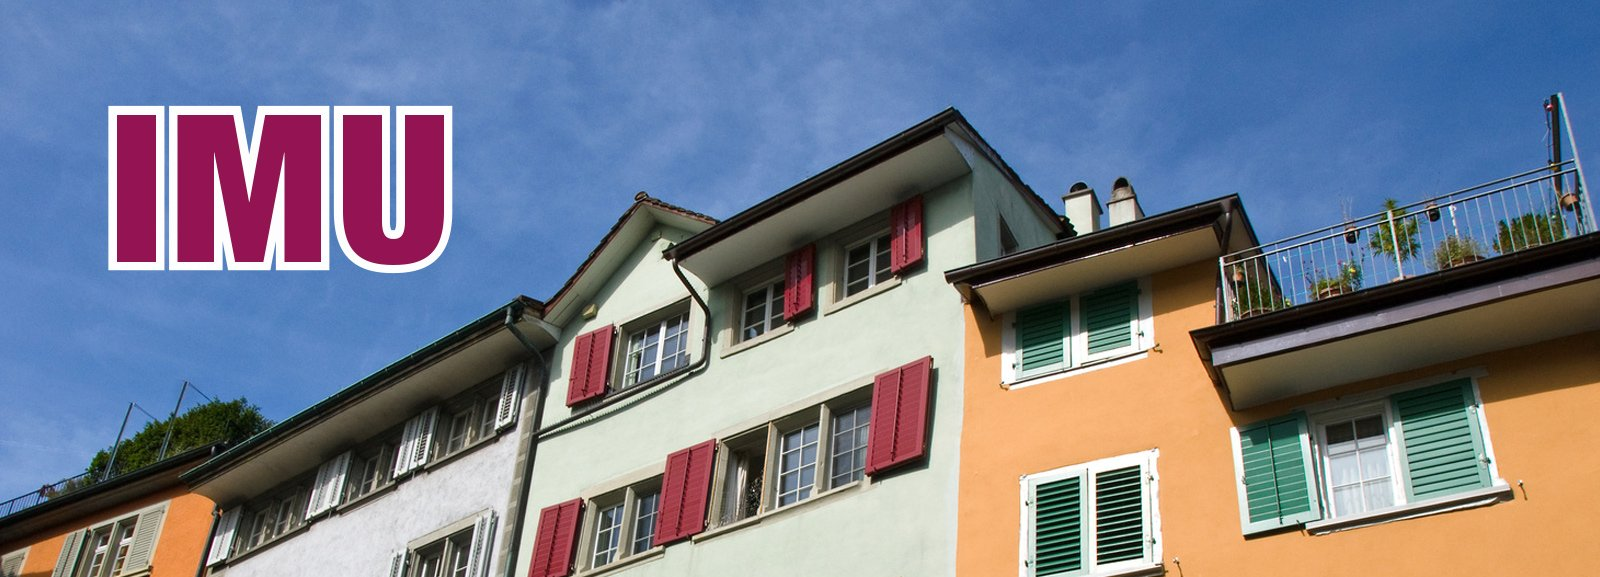 Imu seconda casa rischio errori sulla seconda rata cose di casa - Tasse seconda casa ...